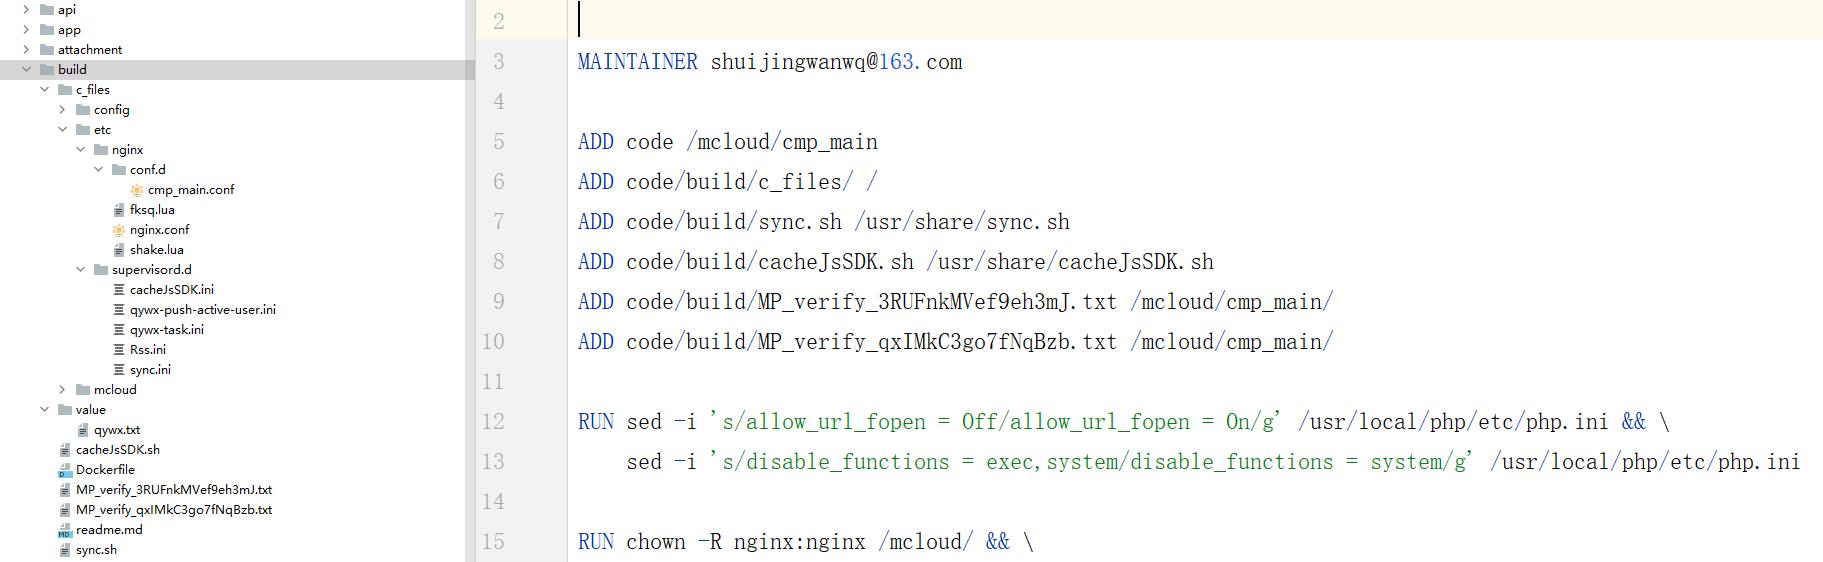 查看 Dockerfile ,应该是 ADD 命令的行数过多了一些,进而导致空间不足。